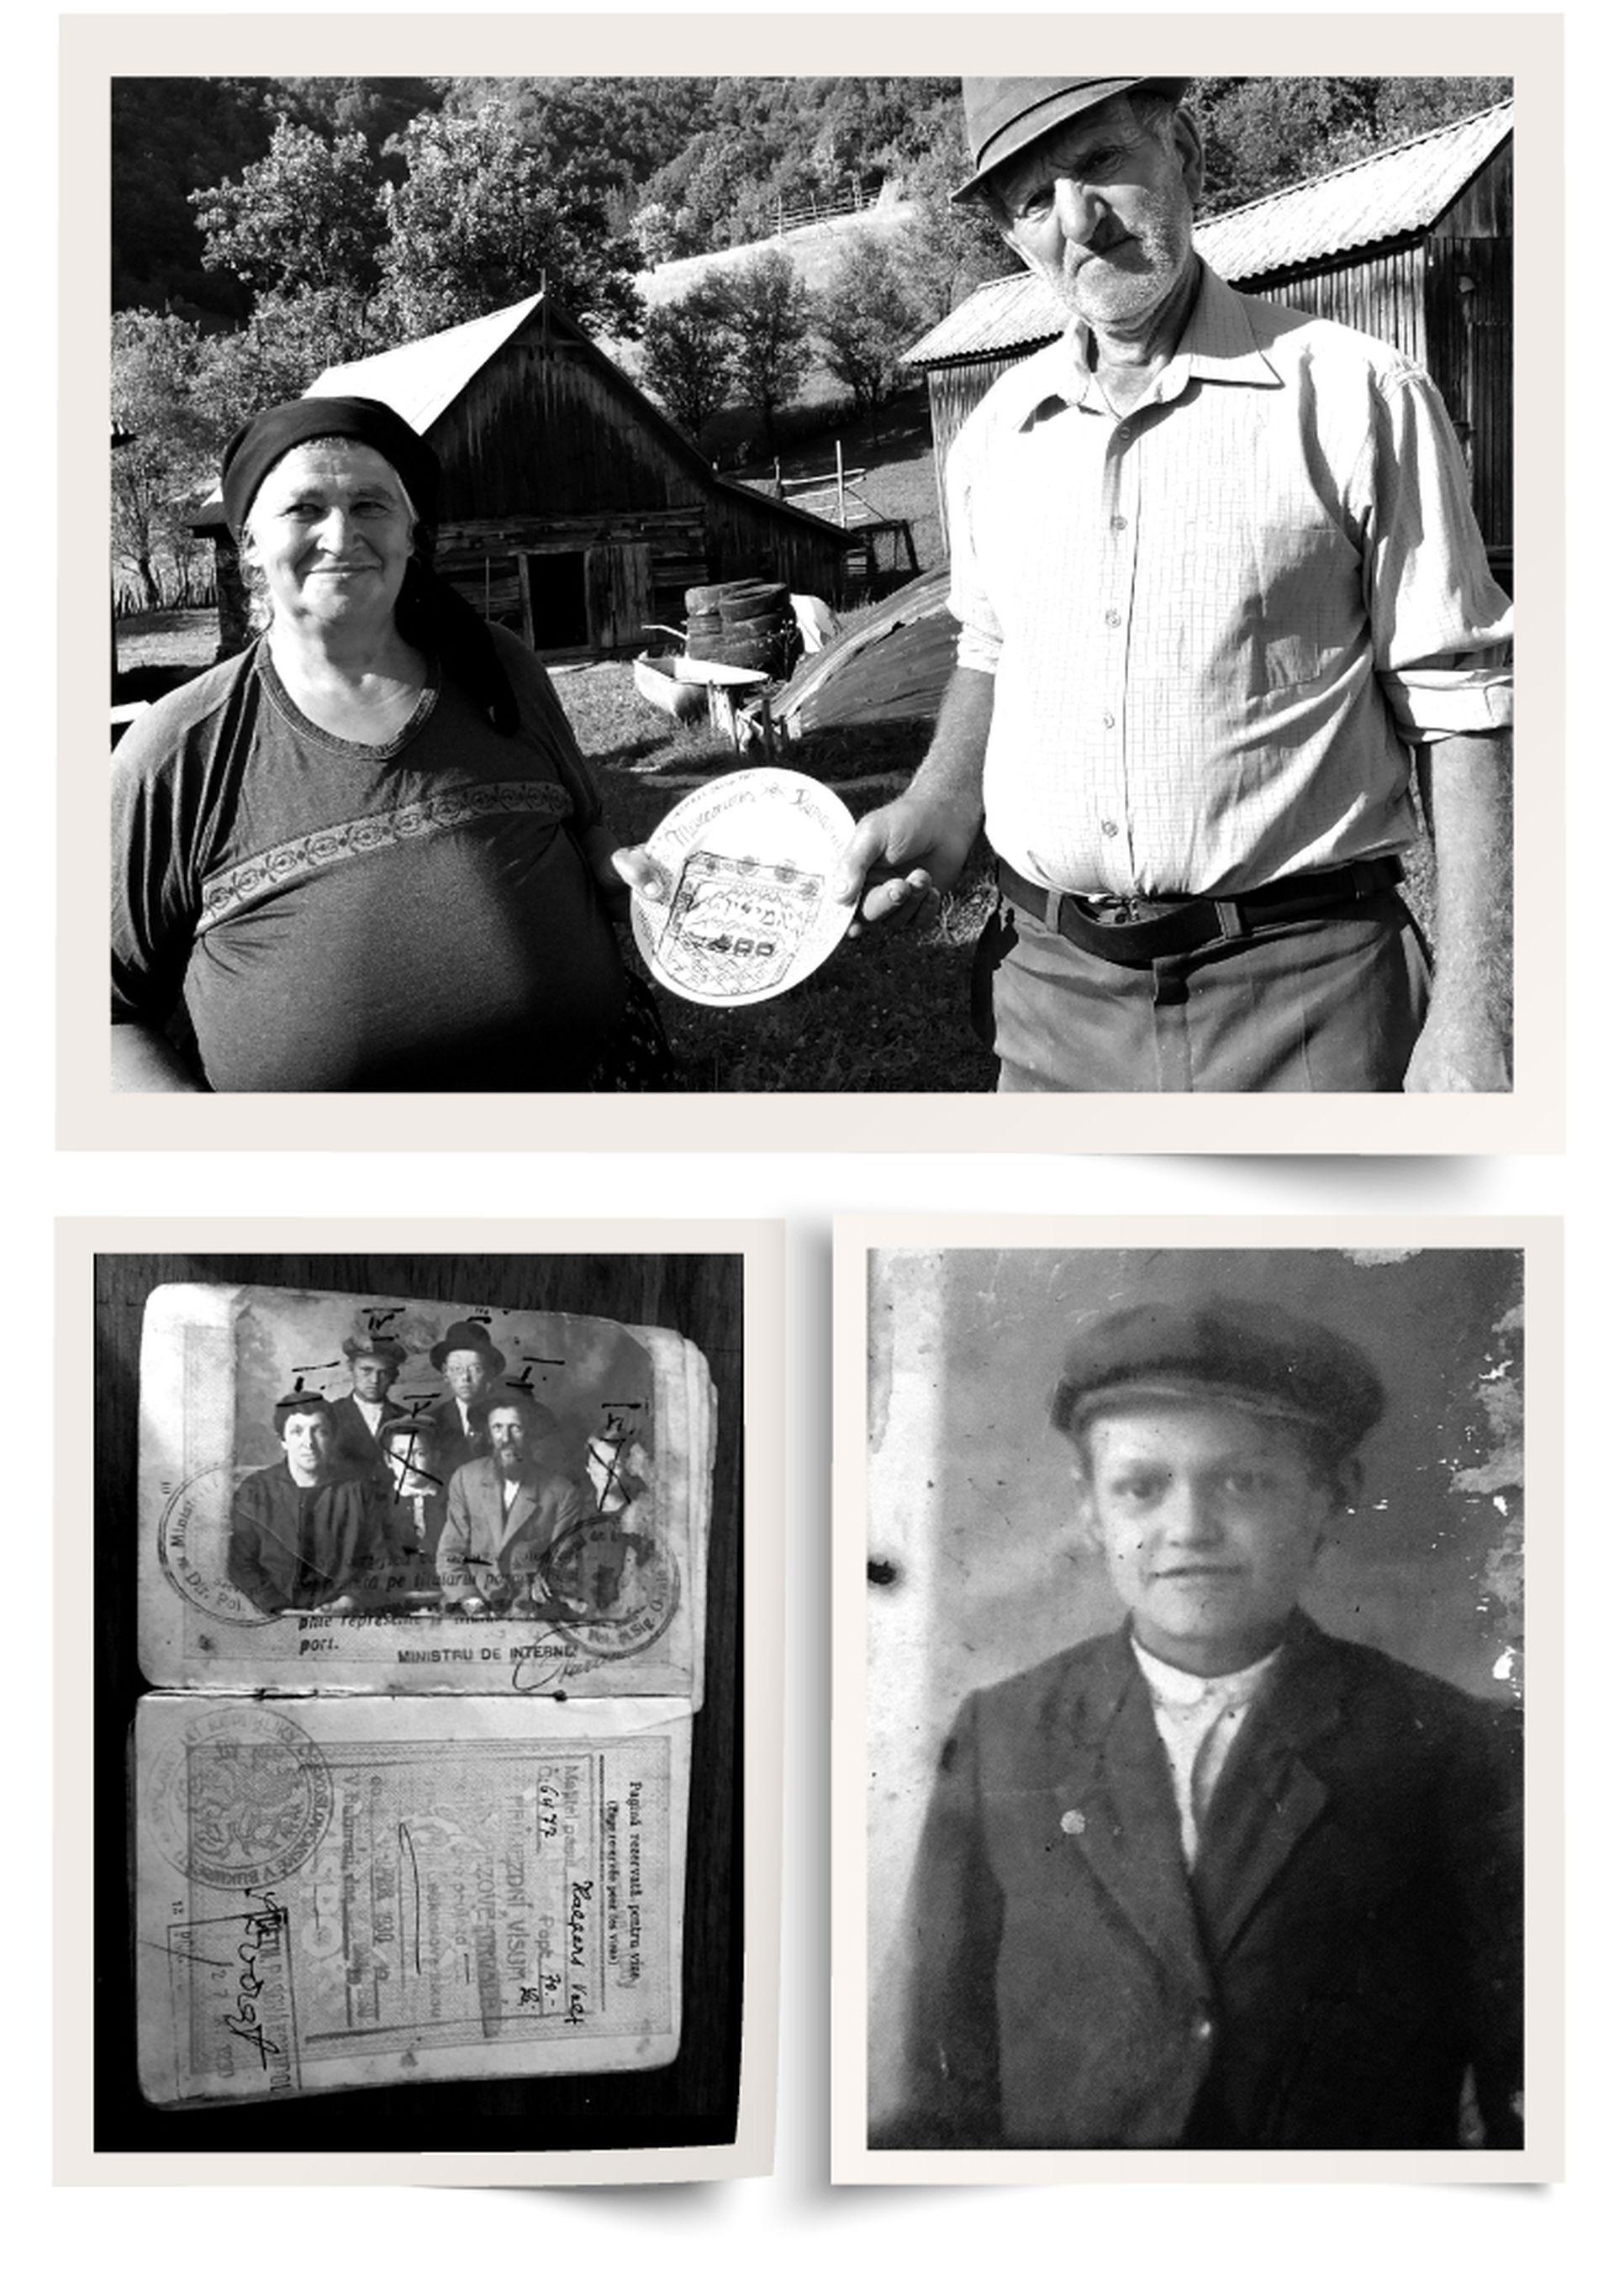 Con la ayuda de Dan, Yamila Rottbart, una joven de 33 años de Villa Urquiza, le hizo un homenaje a su abuelo en julio de 2019 en los Cárpatos del norte de Rumania.